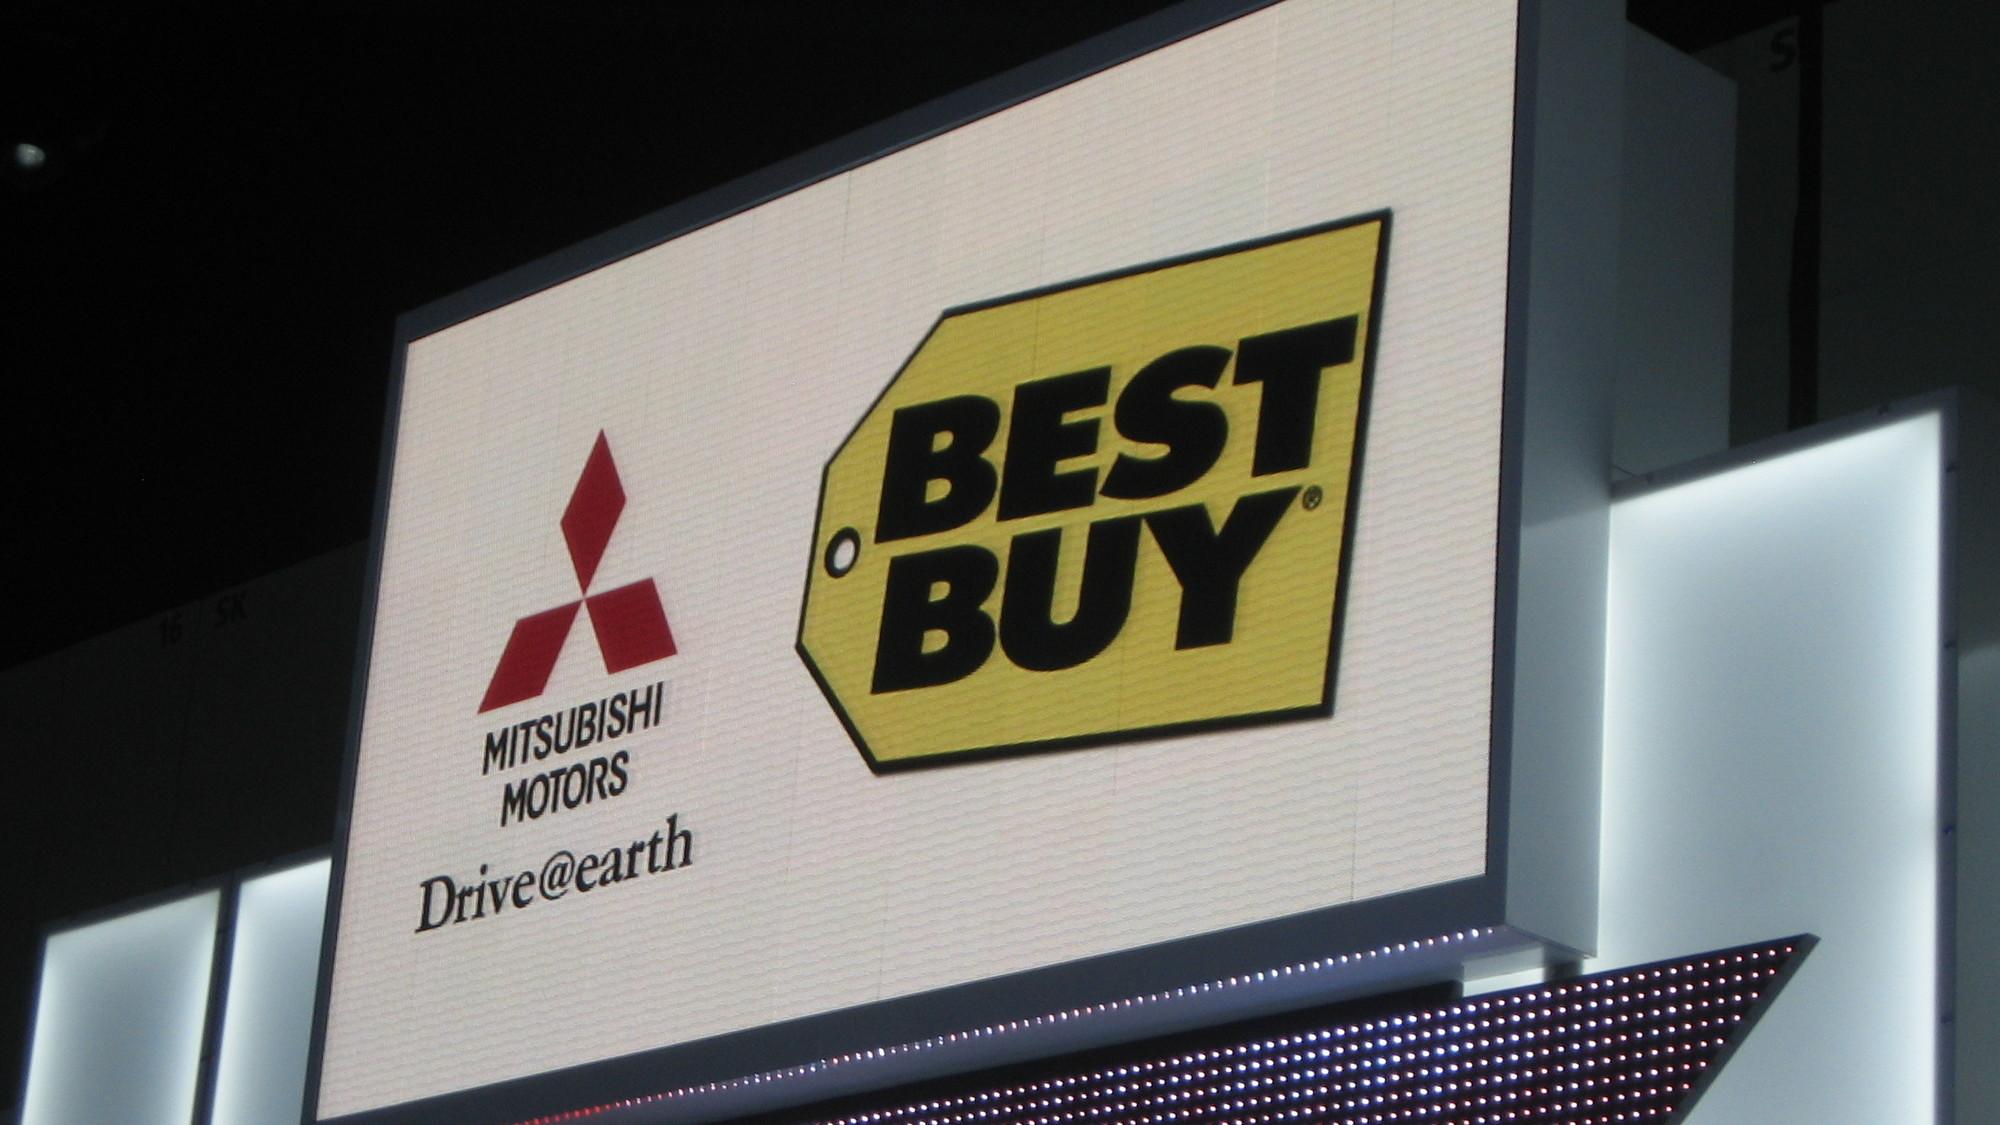 Mitsubishi - Best Buy